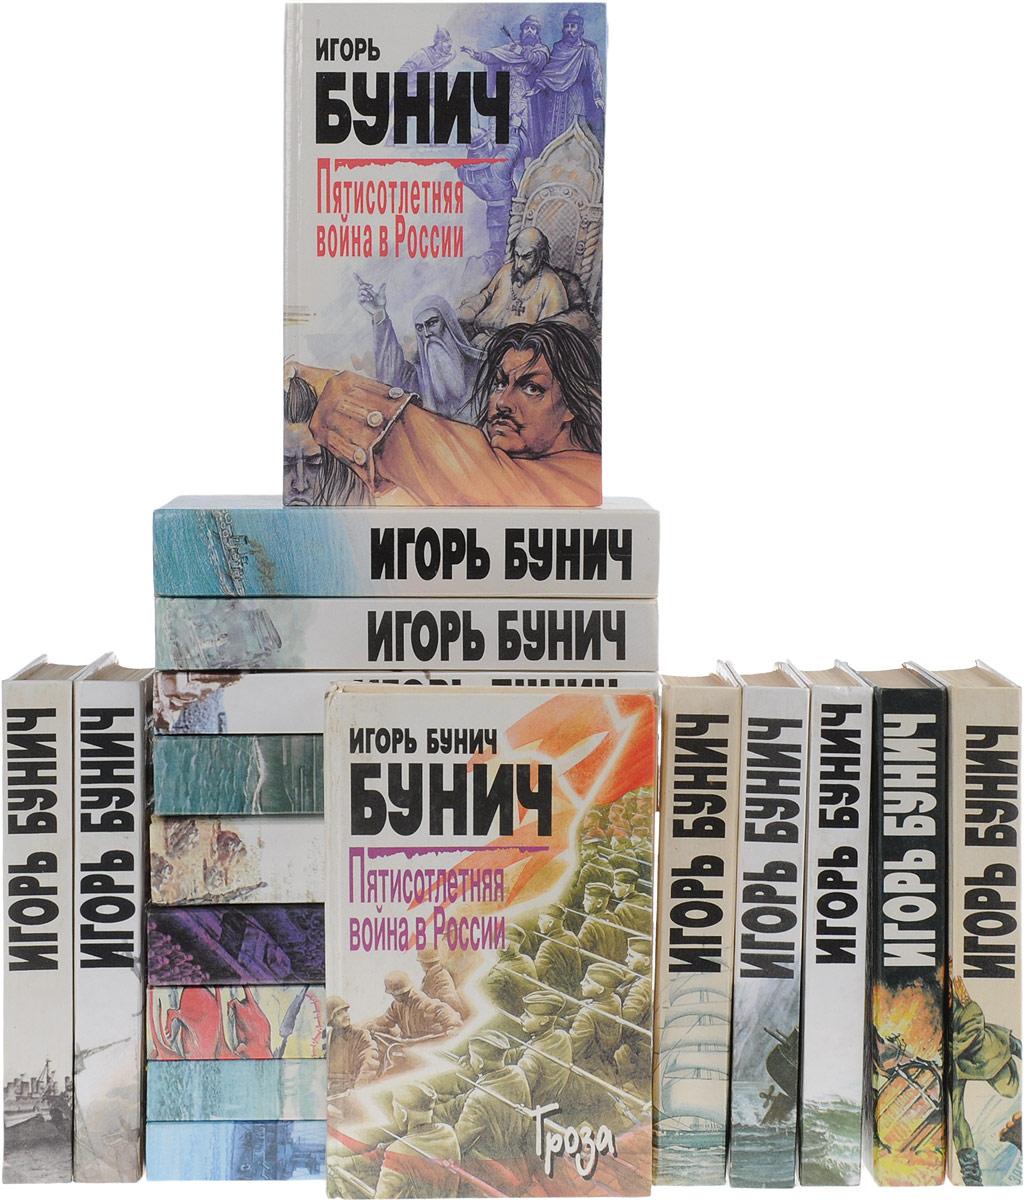 Игорь Бунич Игорь Бунич (комплект из 18 книг) игорь бунич полигон сатаны